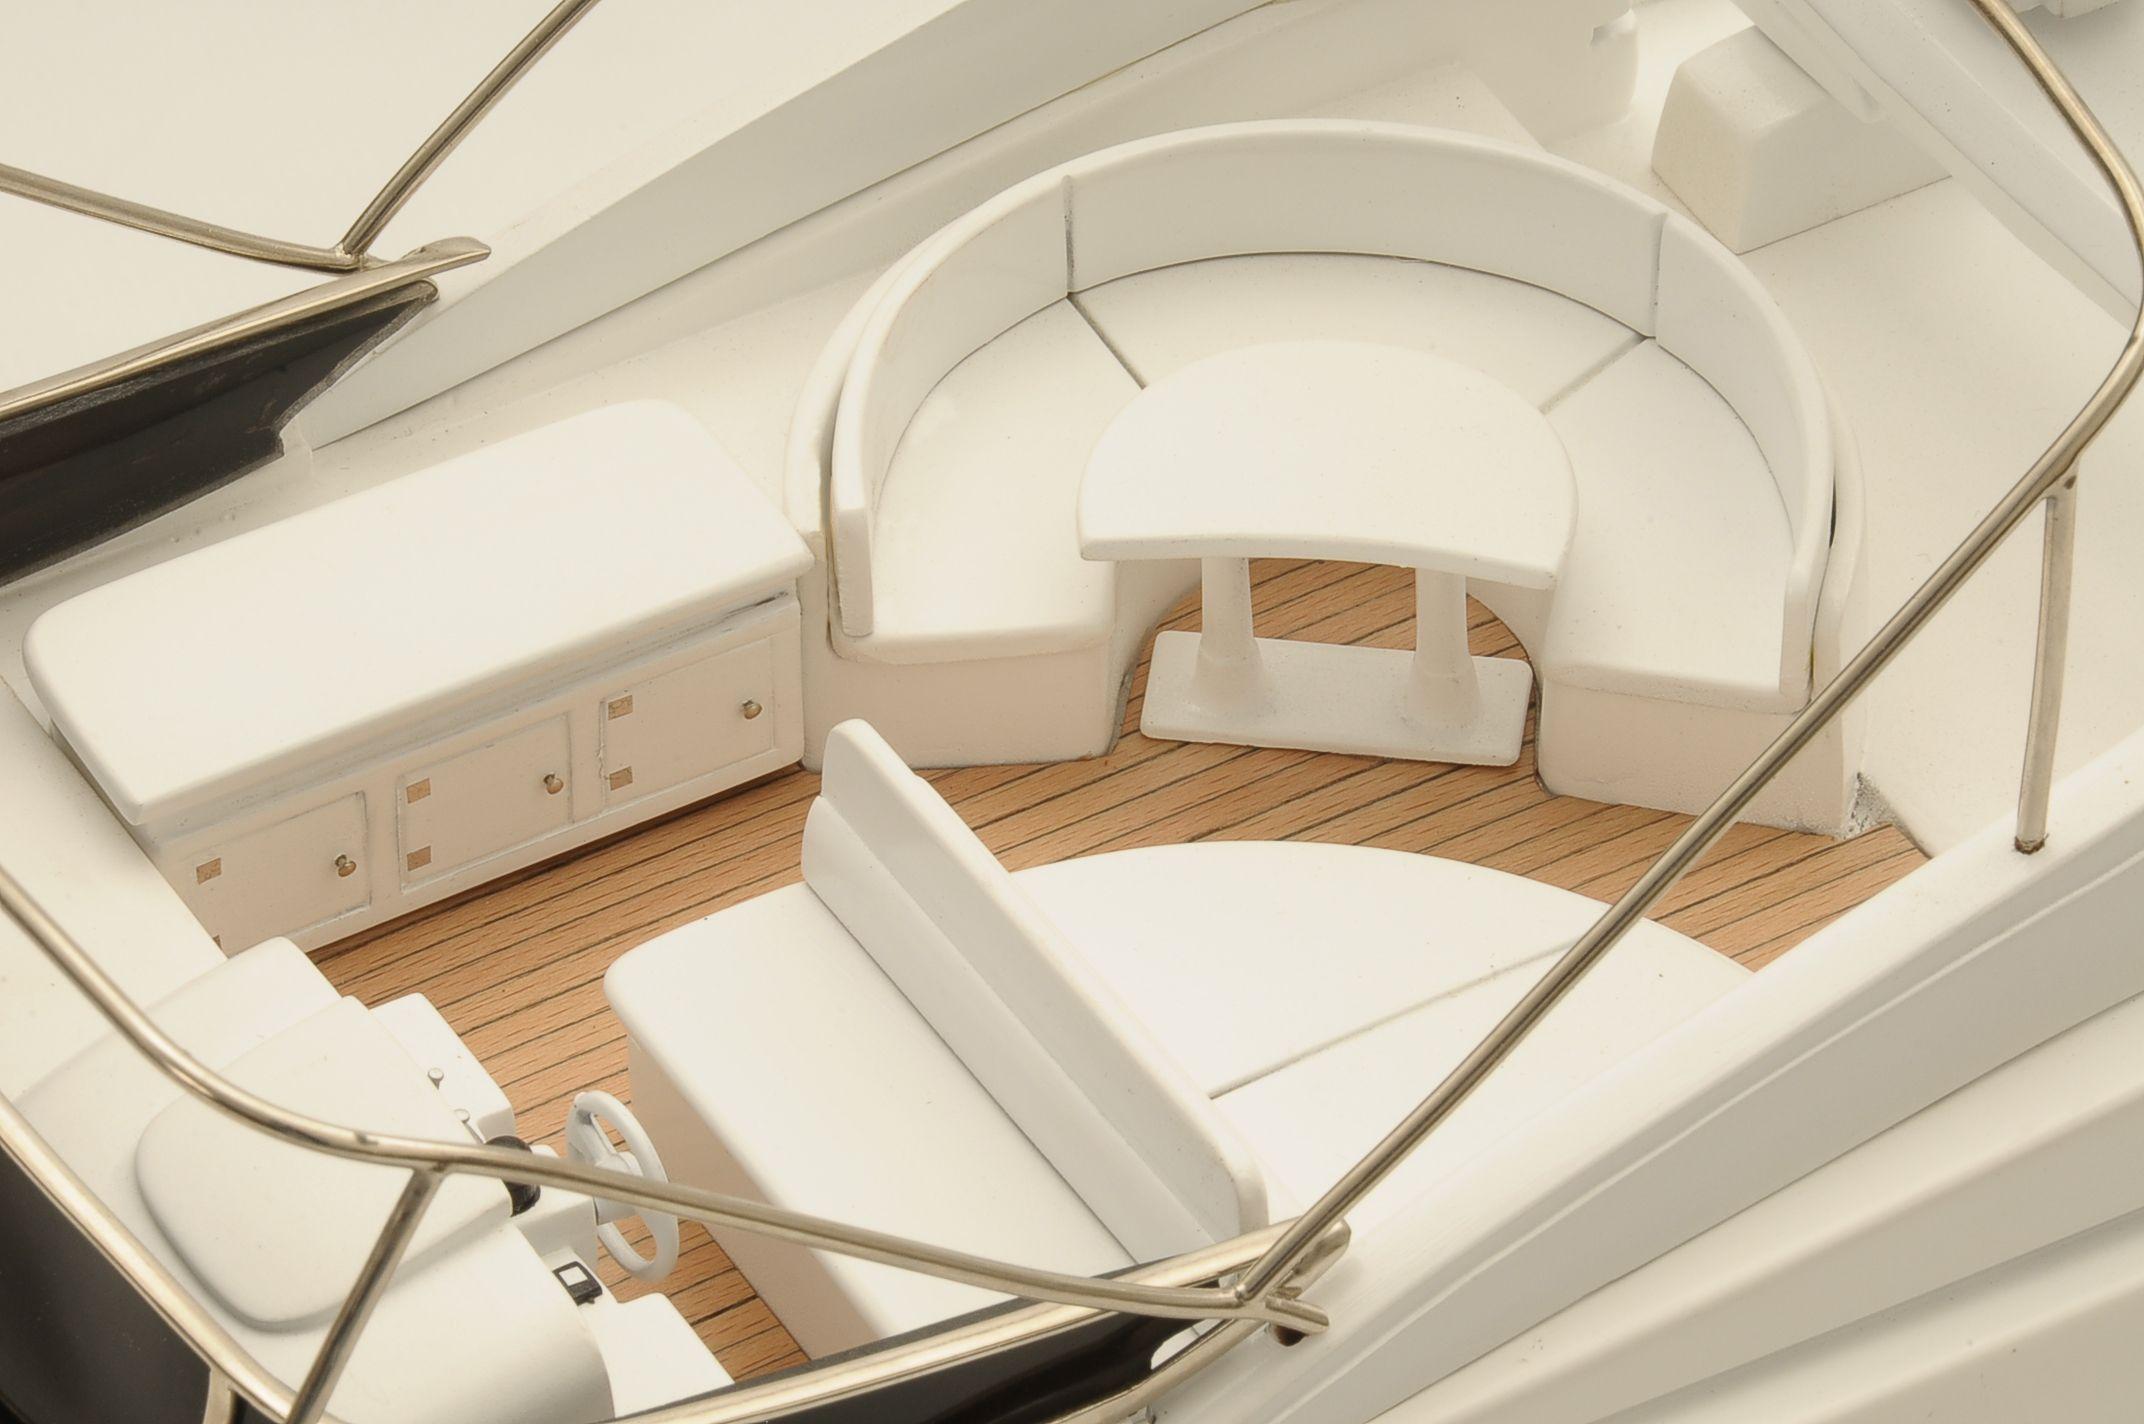 Astondoa 72 GLX Motor Yacht